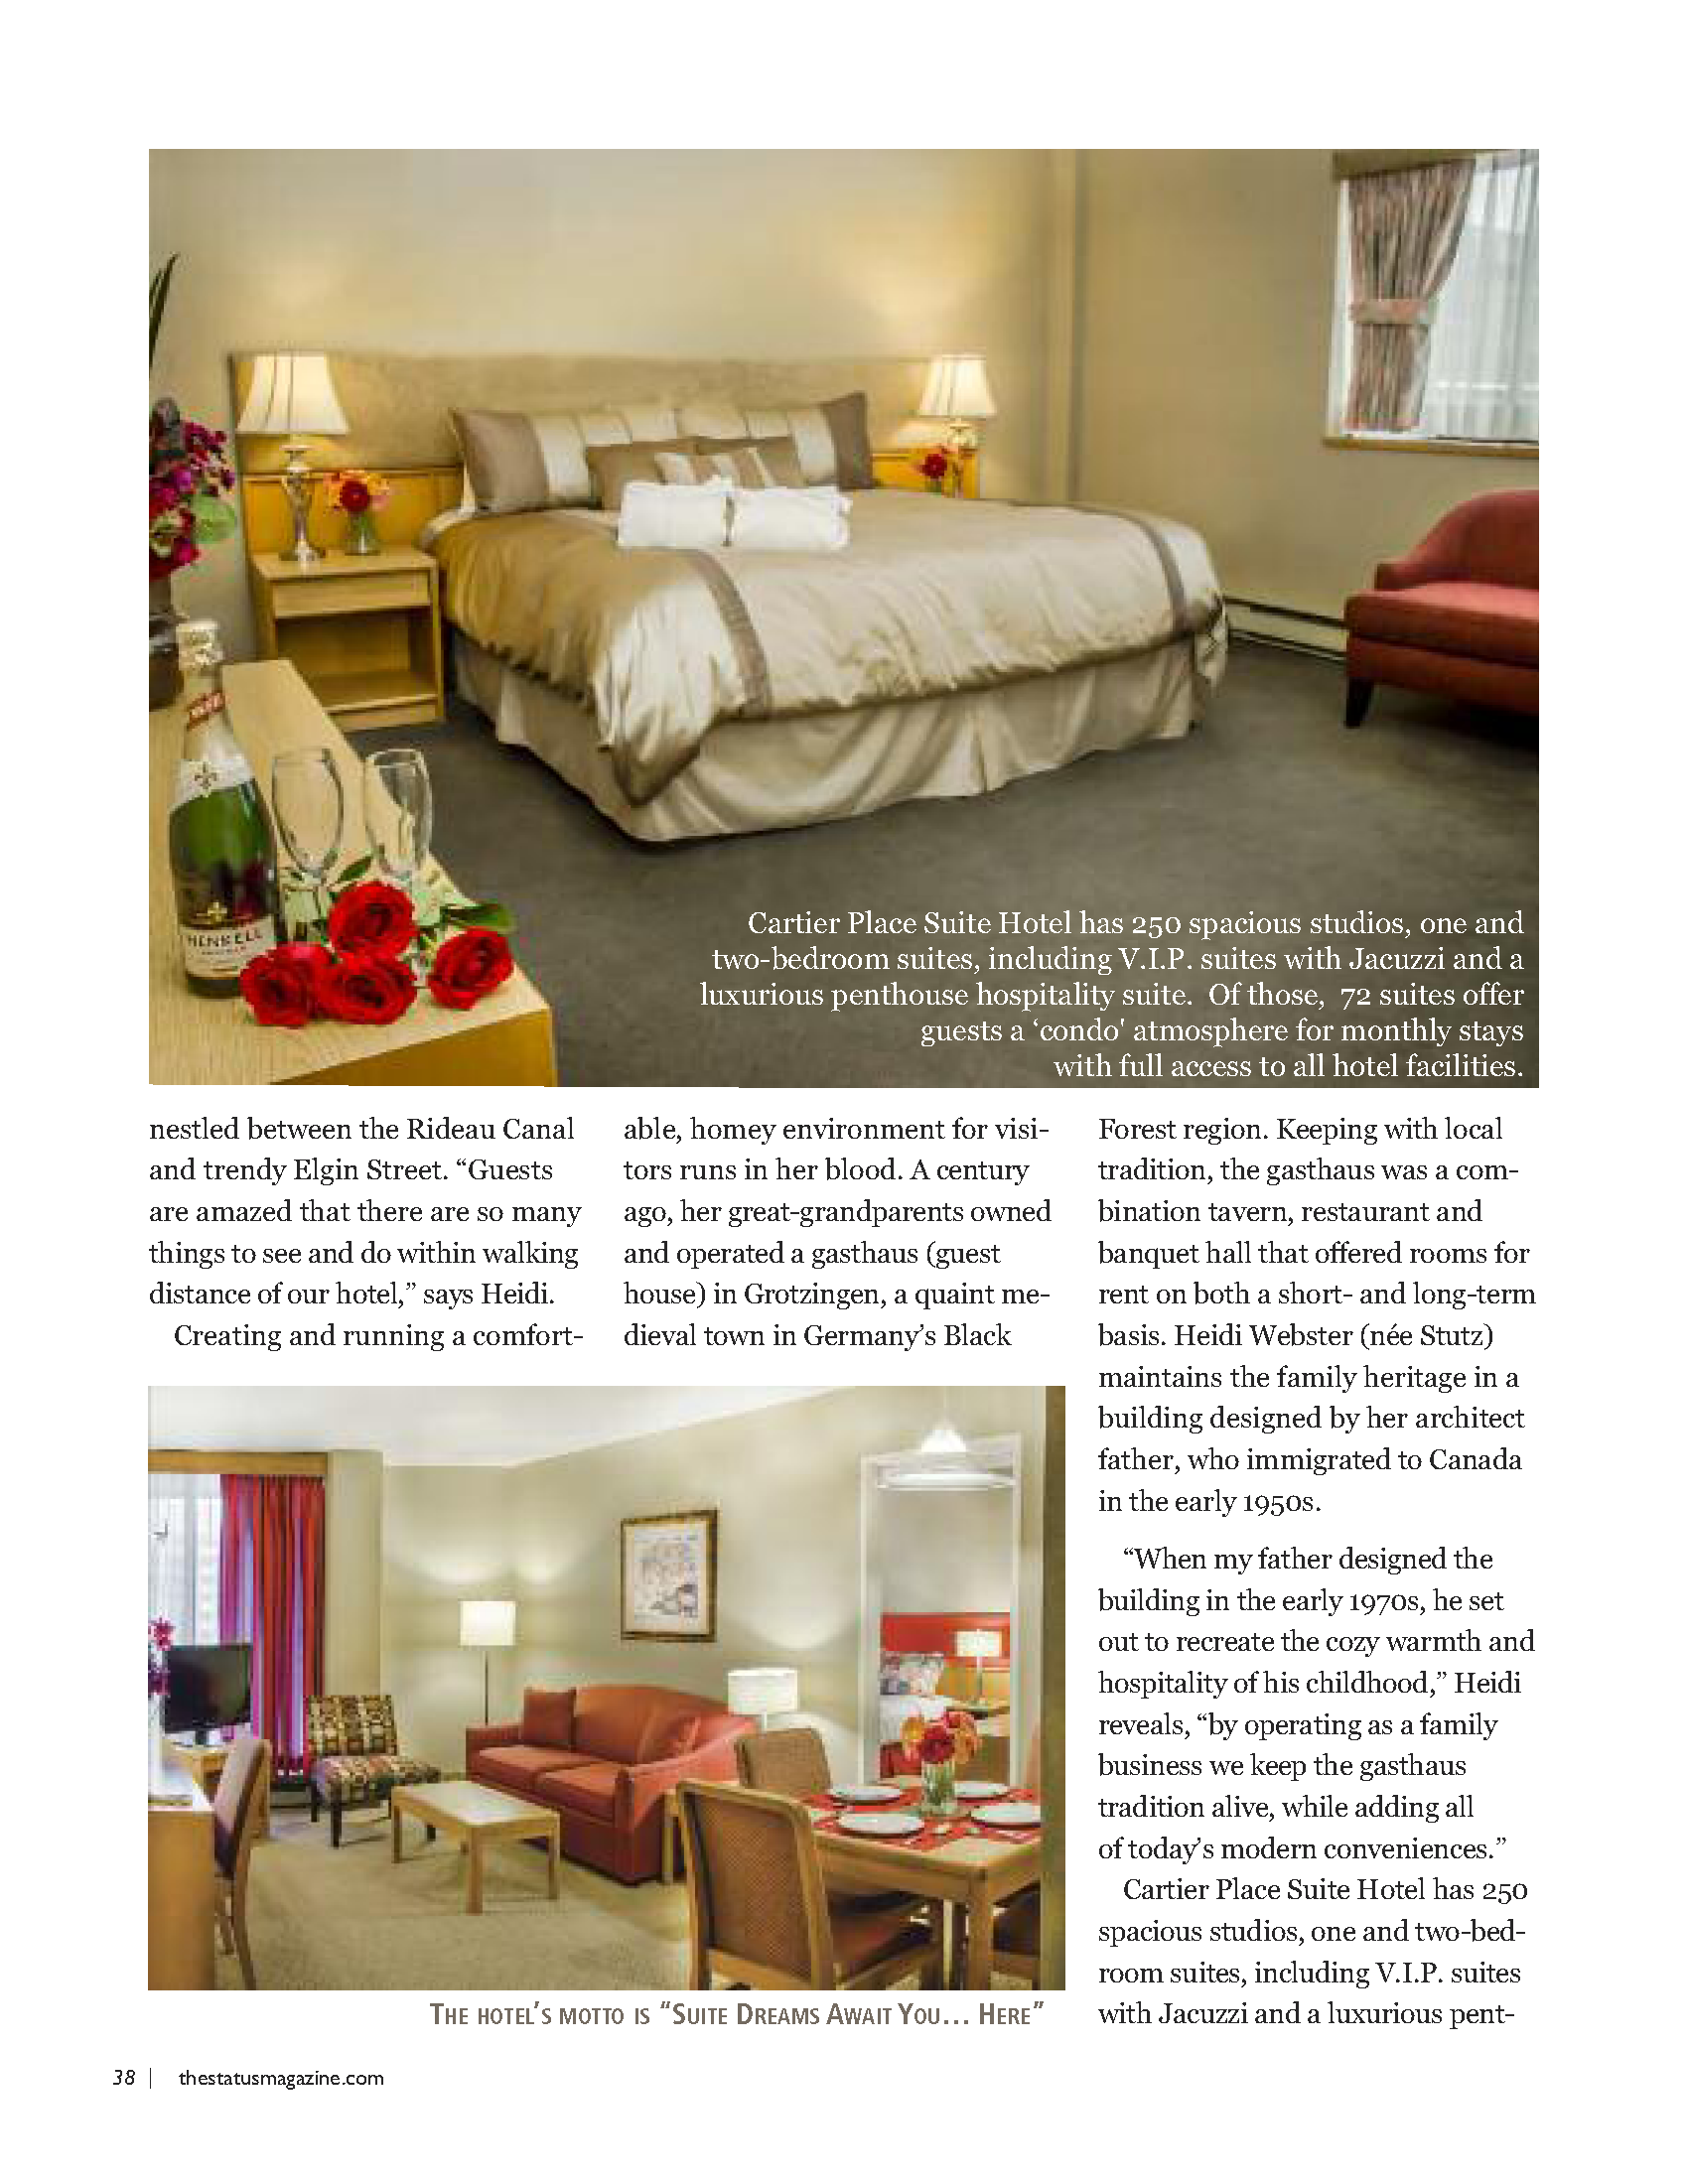 thestatusmagazine-v9-travel-cartier-place-suite-hotel-38